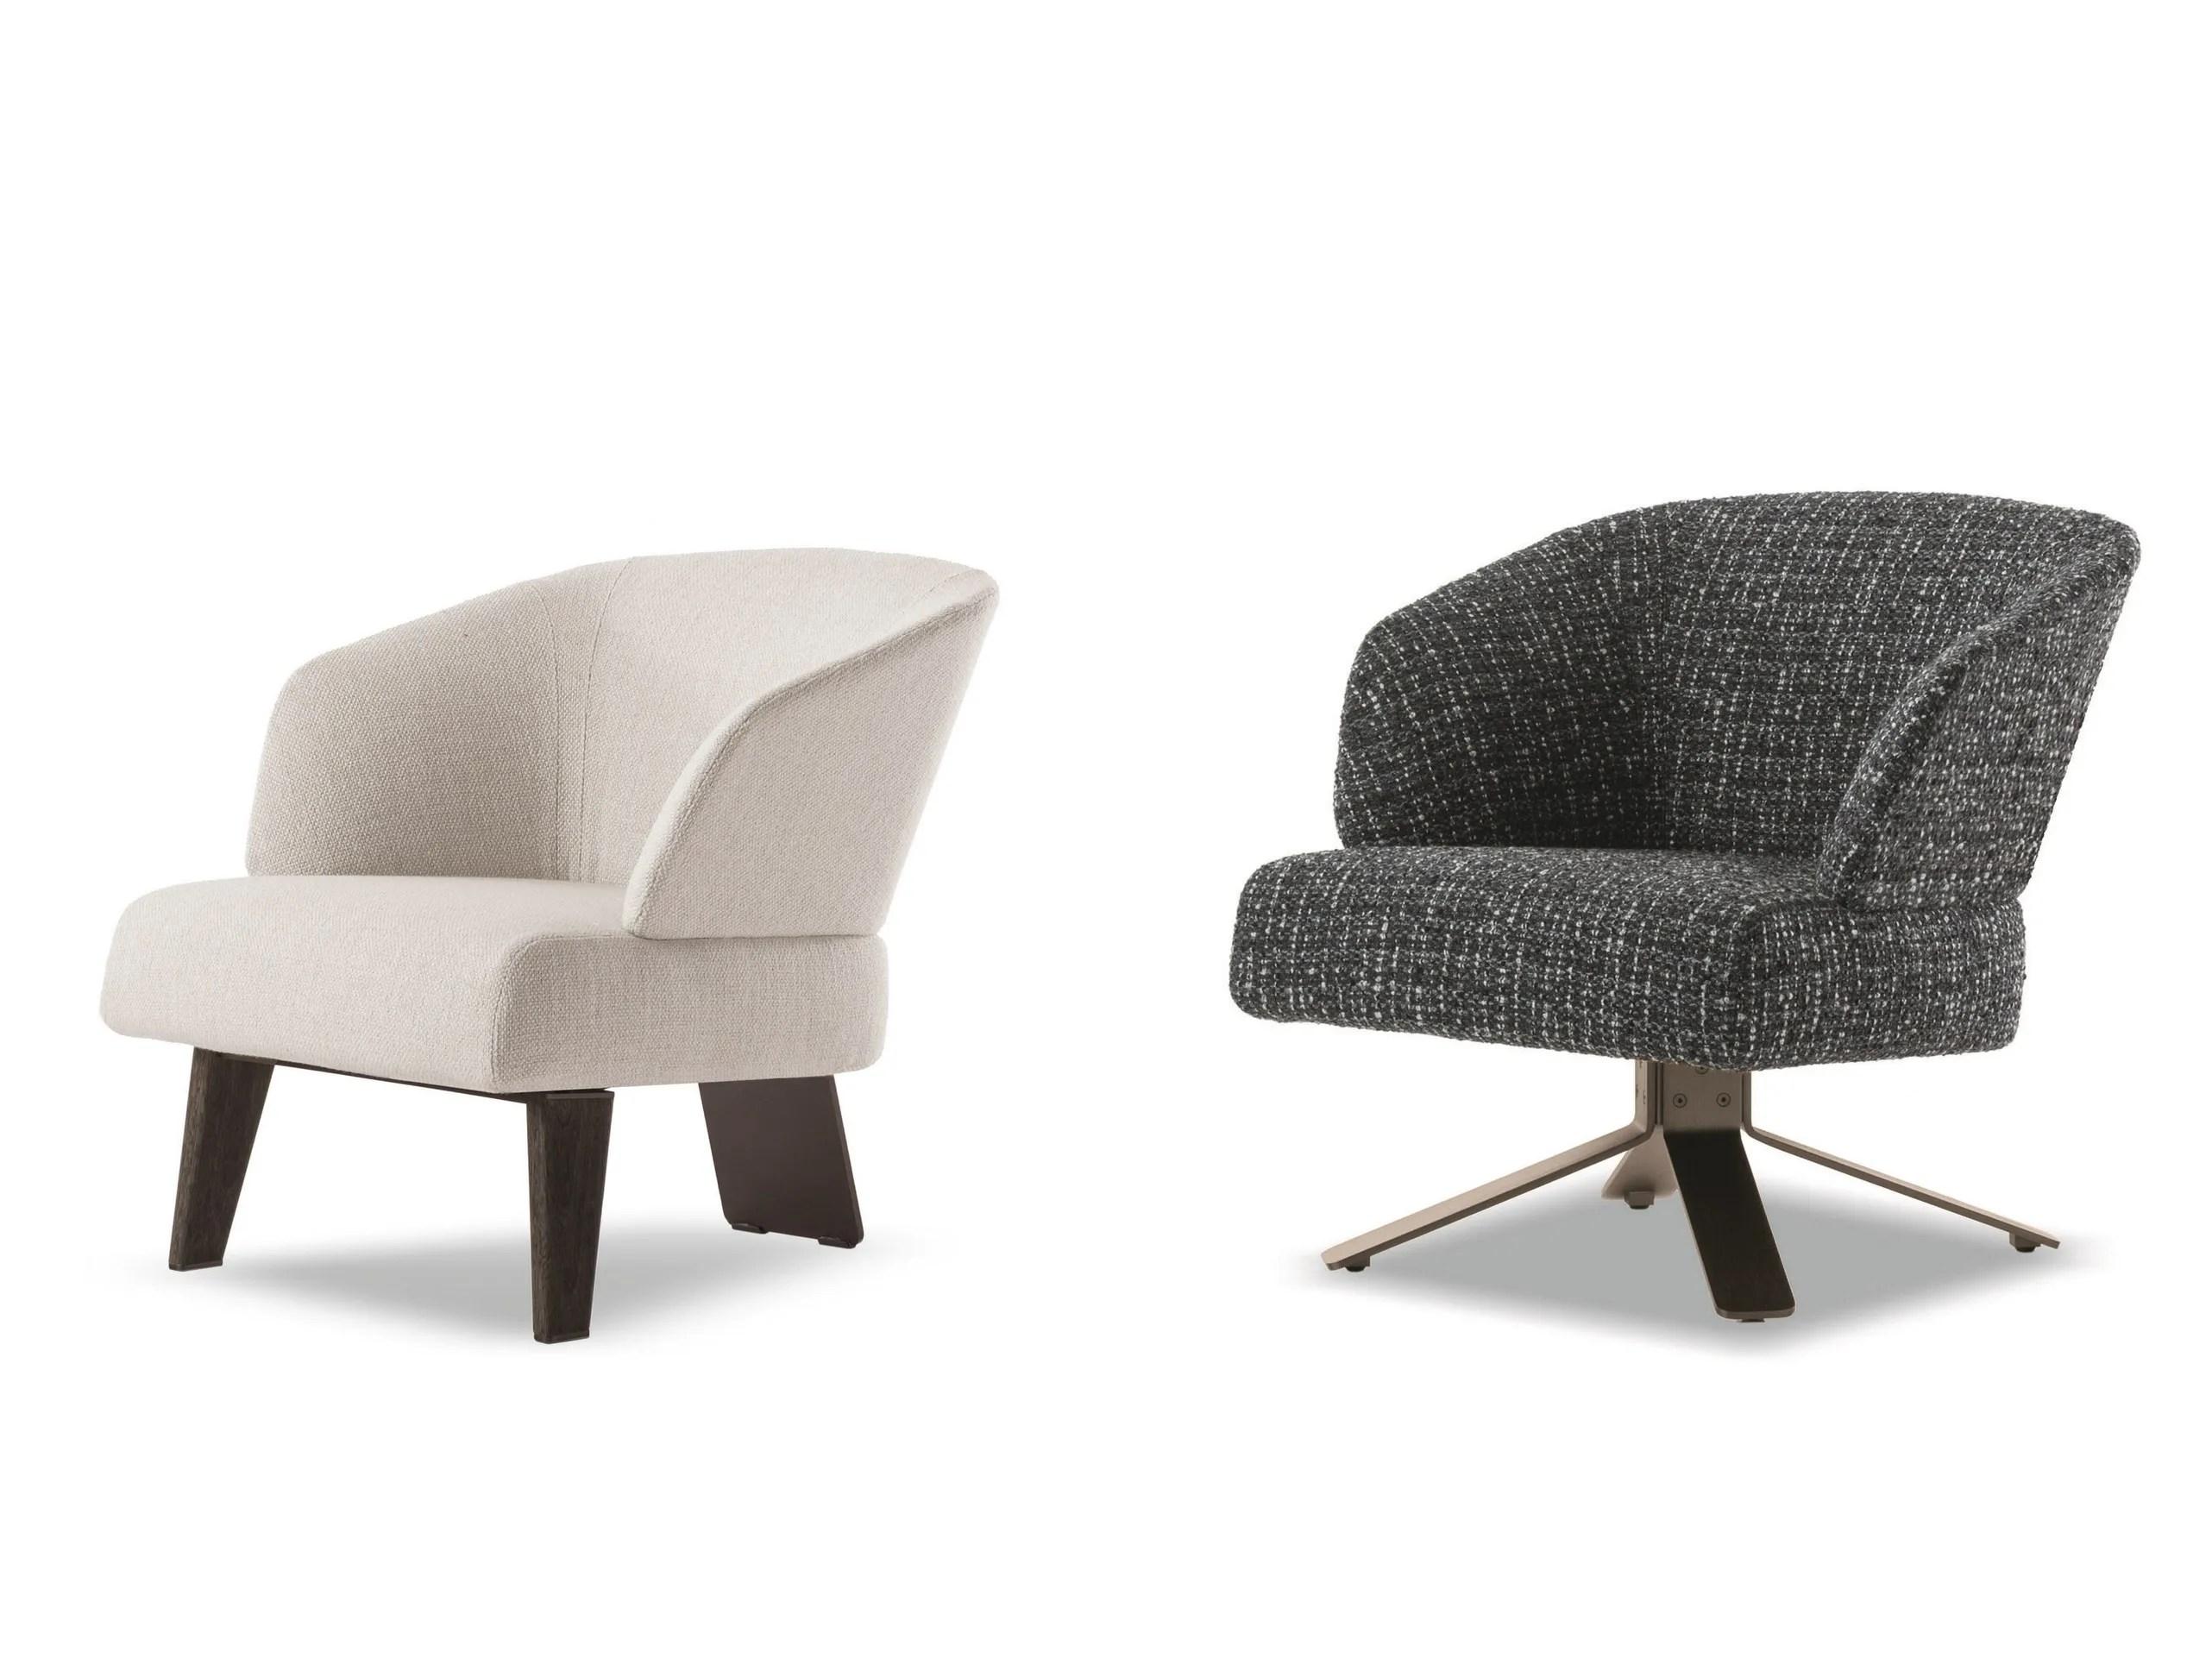 Easy chair CREED SMALL by Minotti design Rodolfo Dordoni